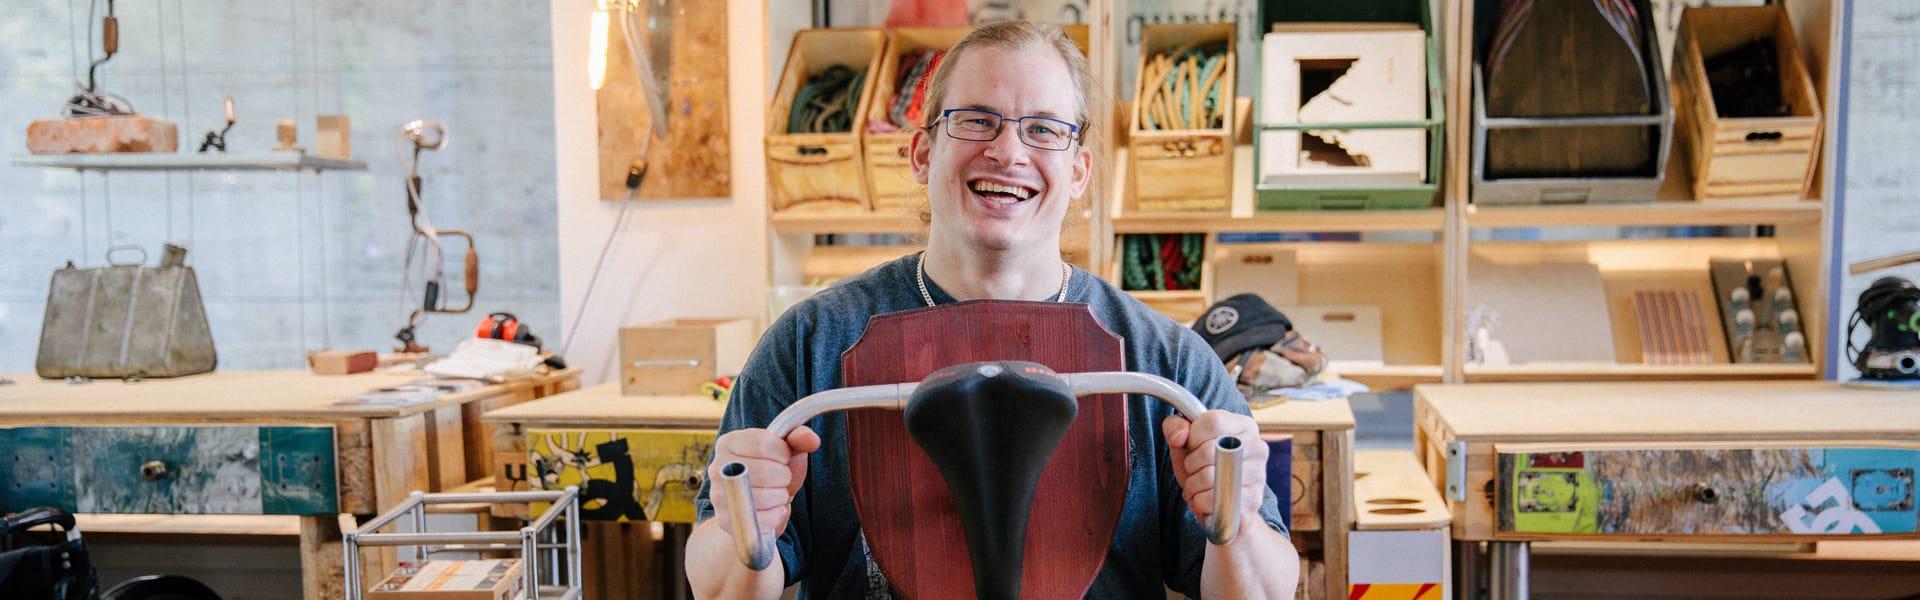 Mann präsentiert Upcycling-Produkt aus Fahrrad-Bestandteilen